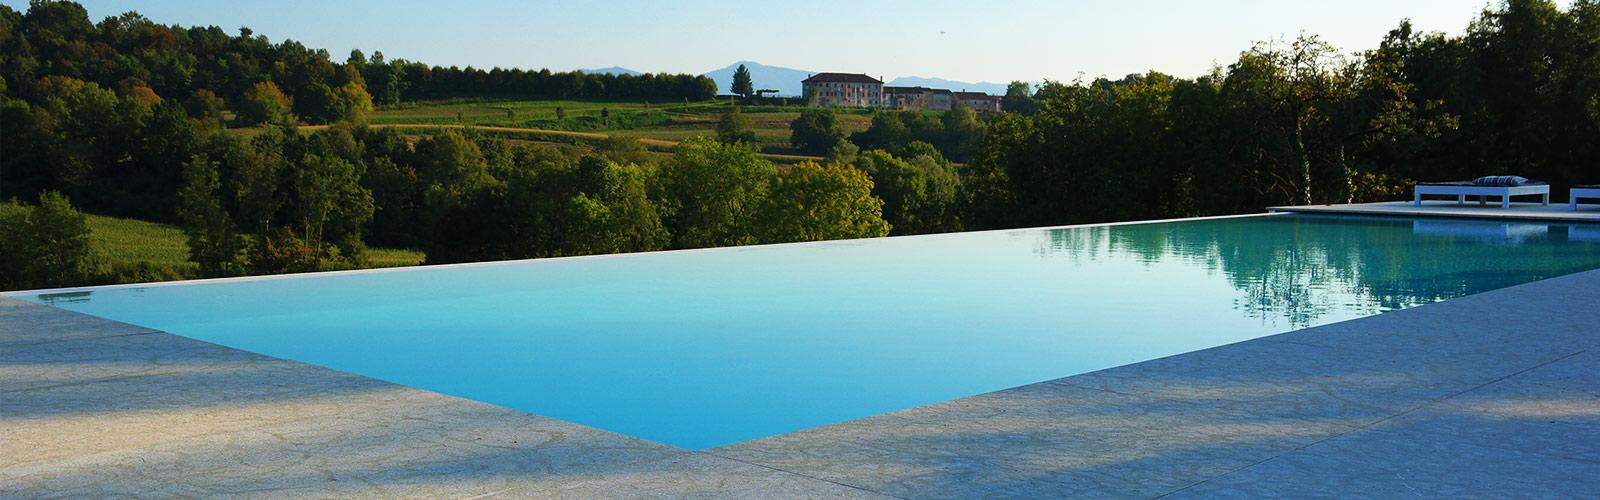 Quanto costa una piscina fabulous piscina interrata fai - Quanto costa costruire una piscina ...